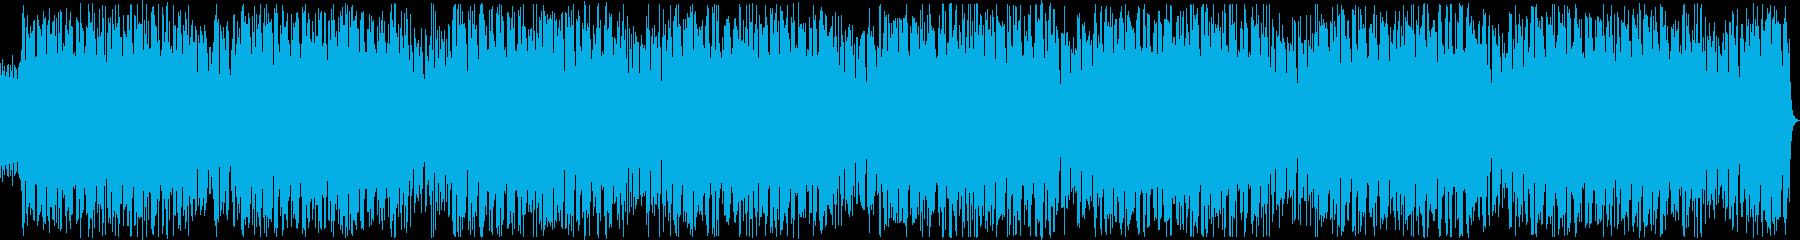 ウクレレ、ポップス、明るいの再生済みの波形